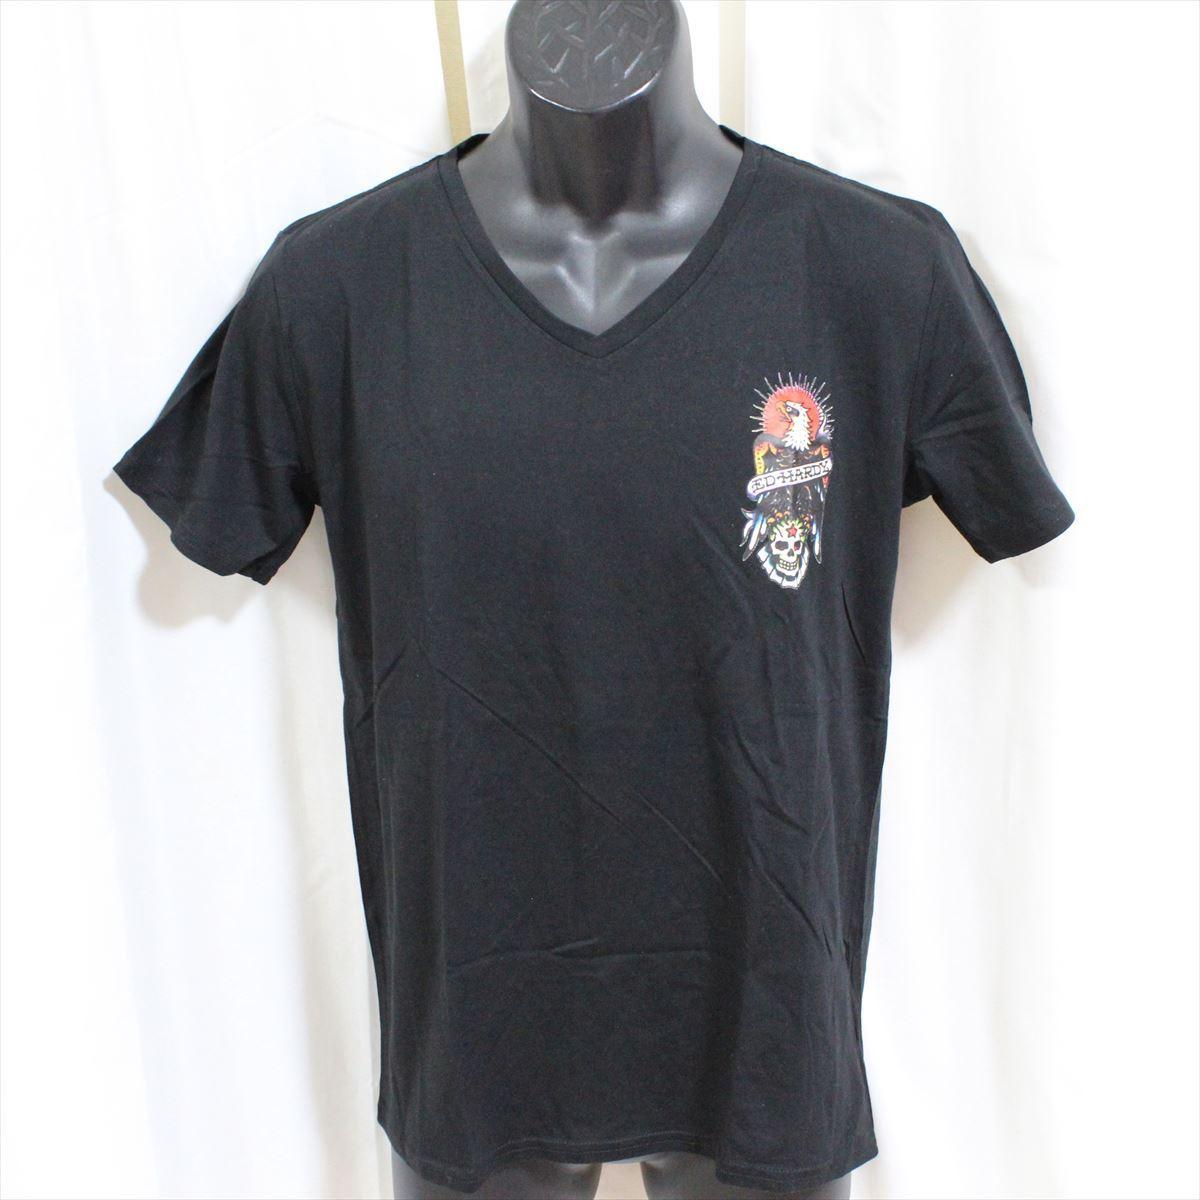 エドハーディー ED HARDY メンズ半袖Tシャツ M02CMV028 ブラック Mサイズ 新品 ドン・エド・ハーディー_画像1